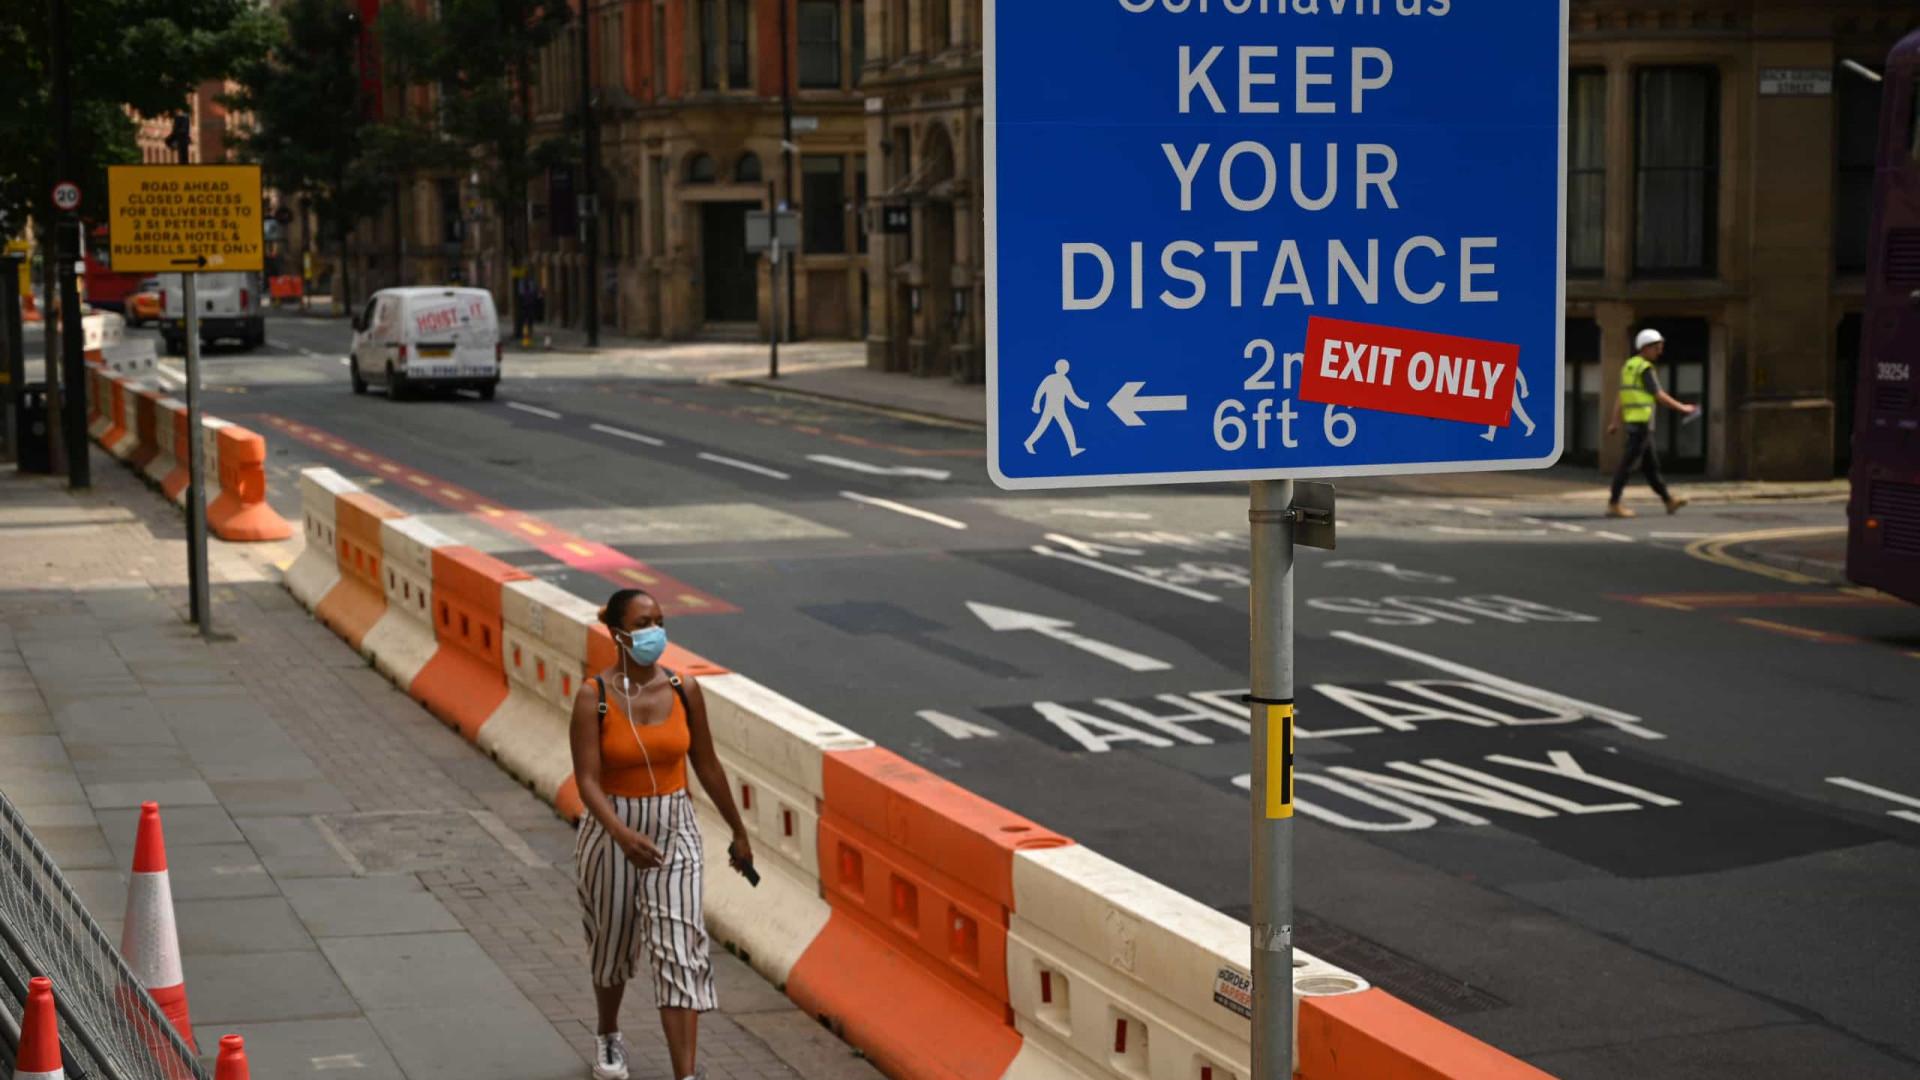 Inglaterra decreta novo confinamento e fecha escolas